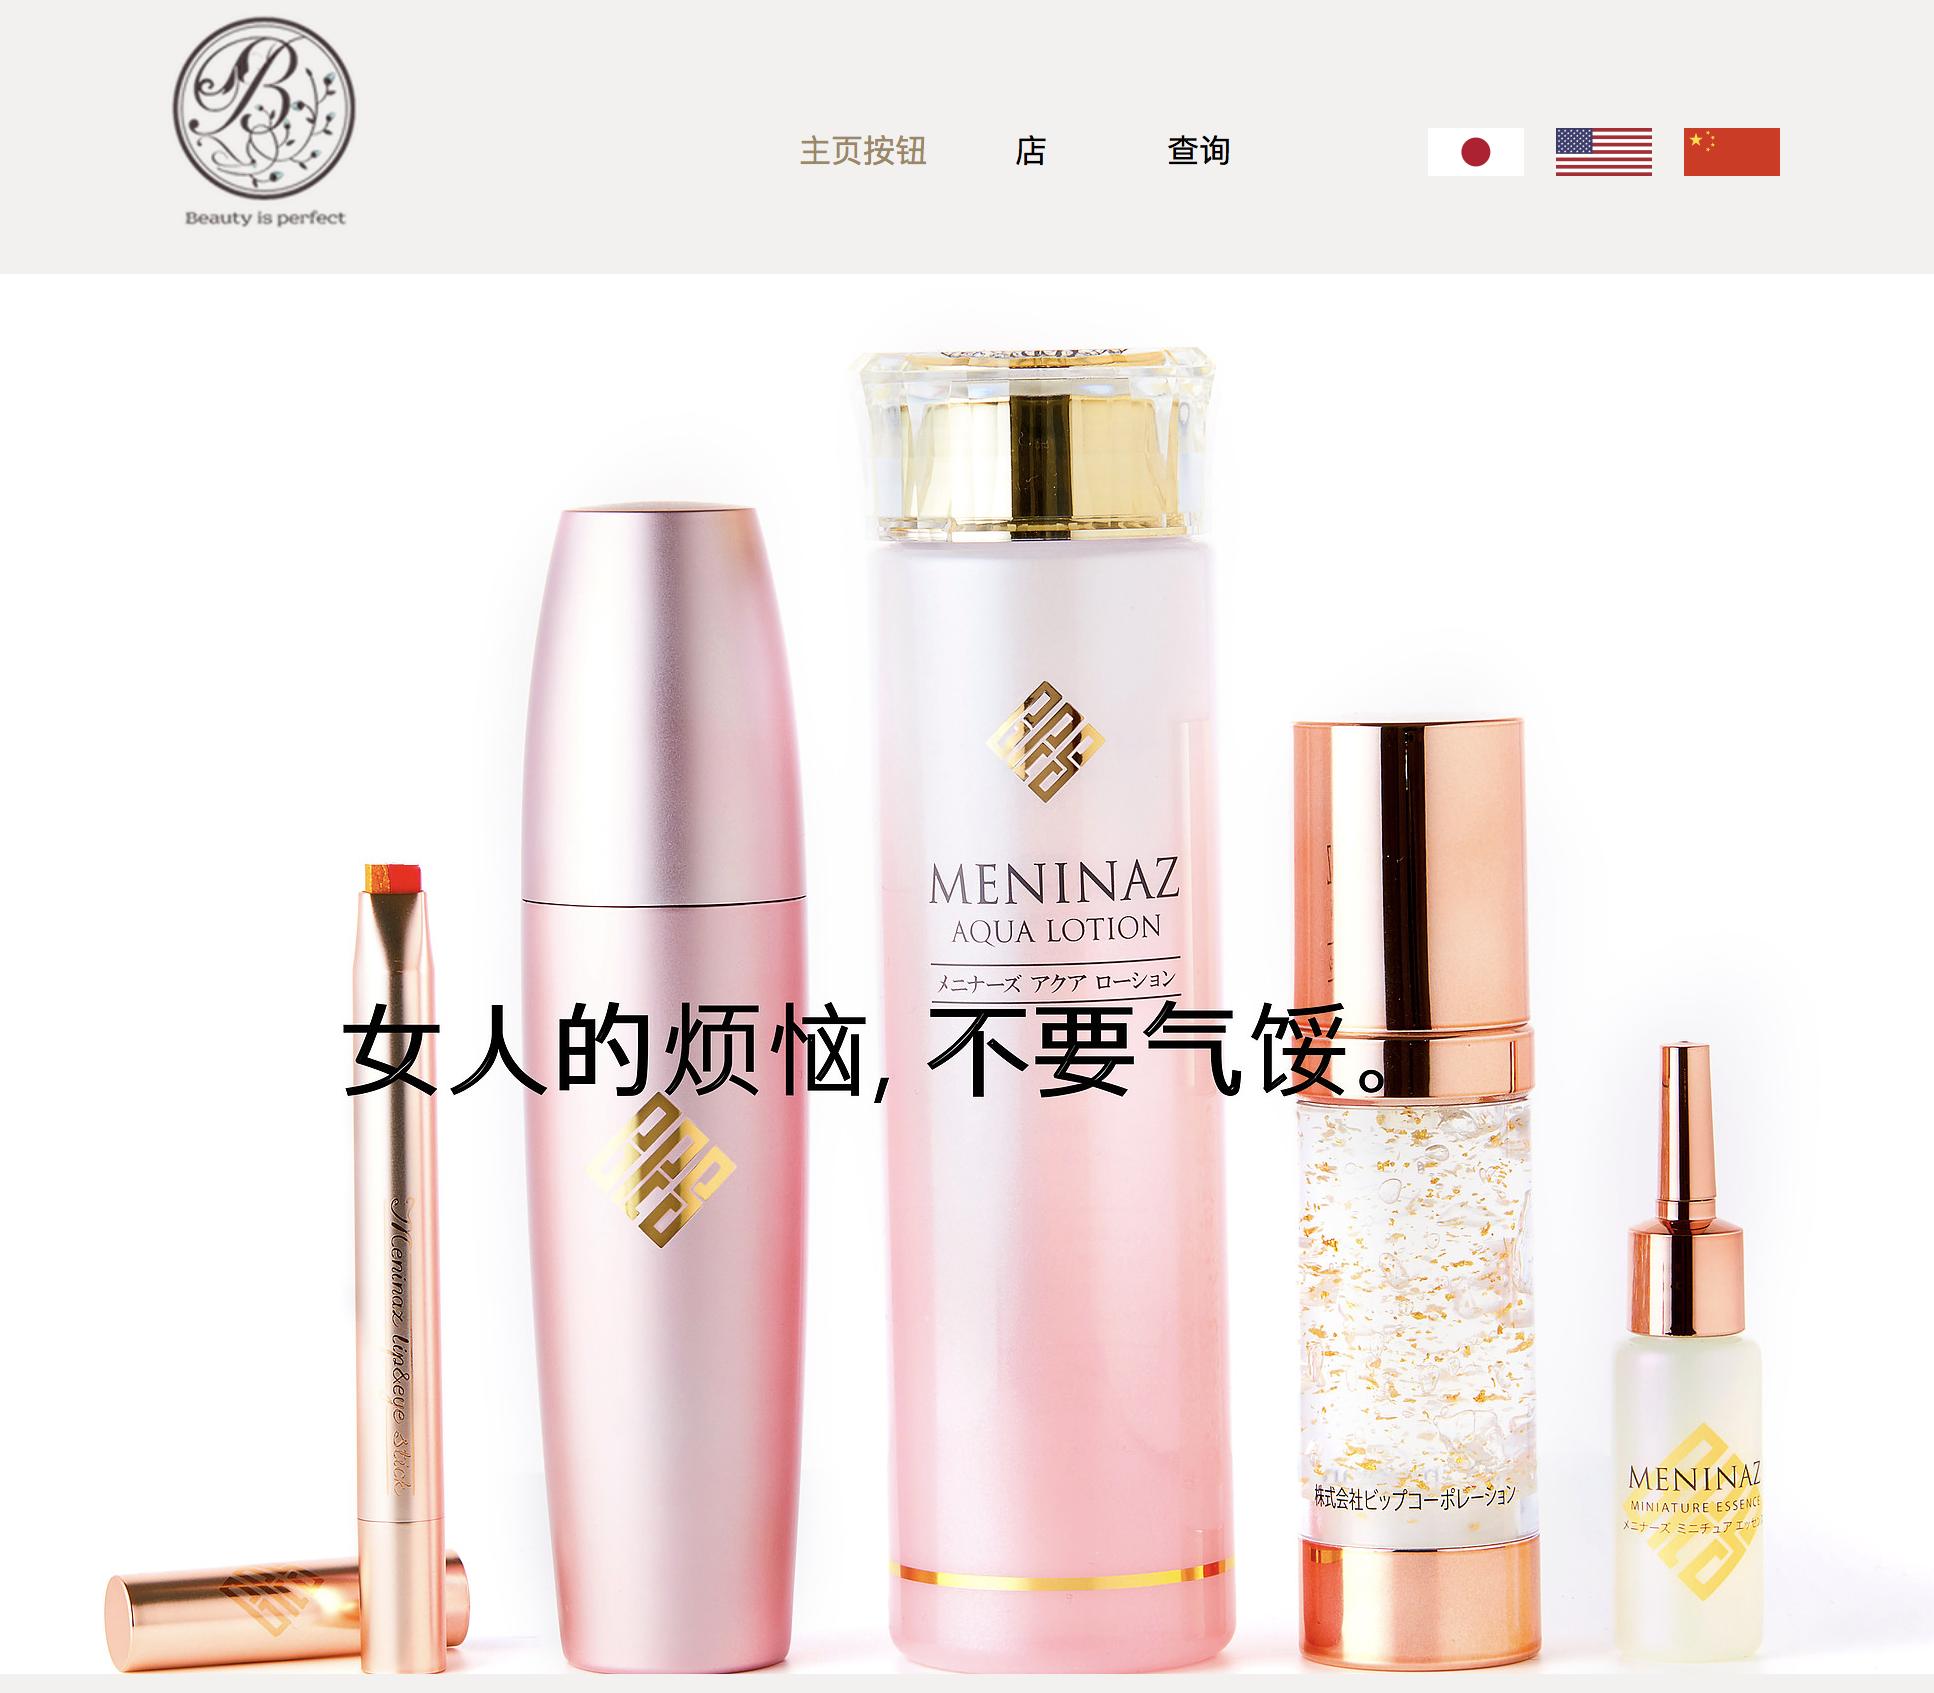 中国語通販サイトオープンしました!